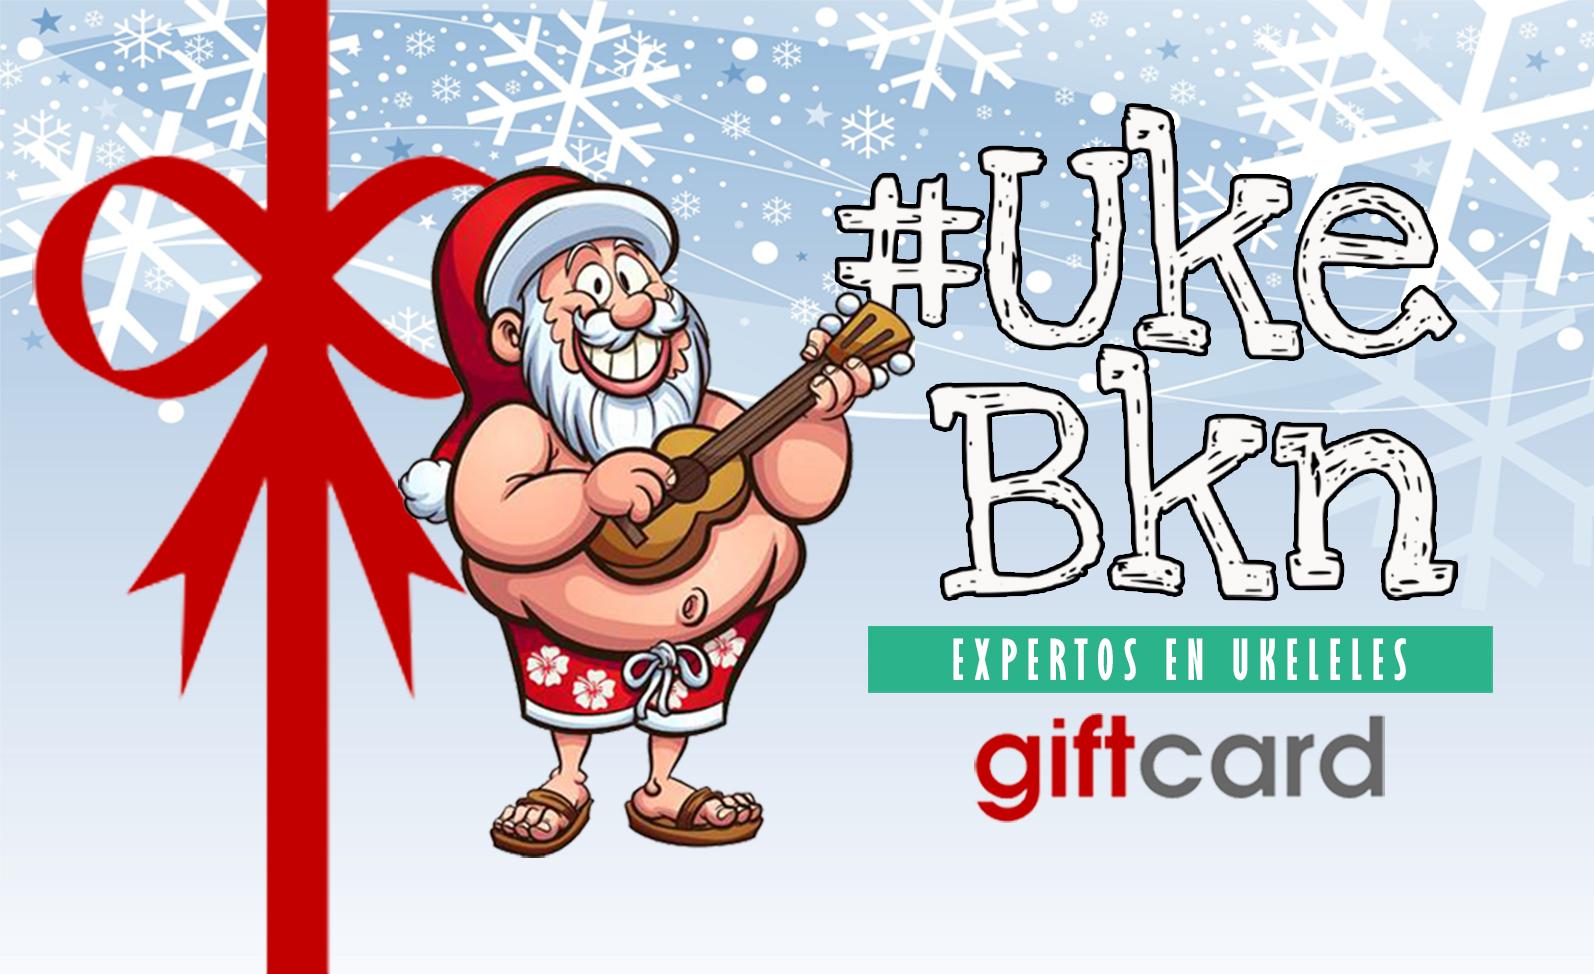 Gift Card - UKEBKN!